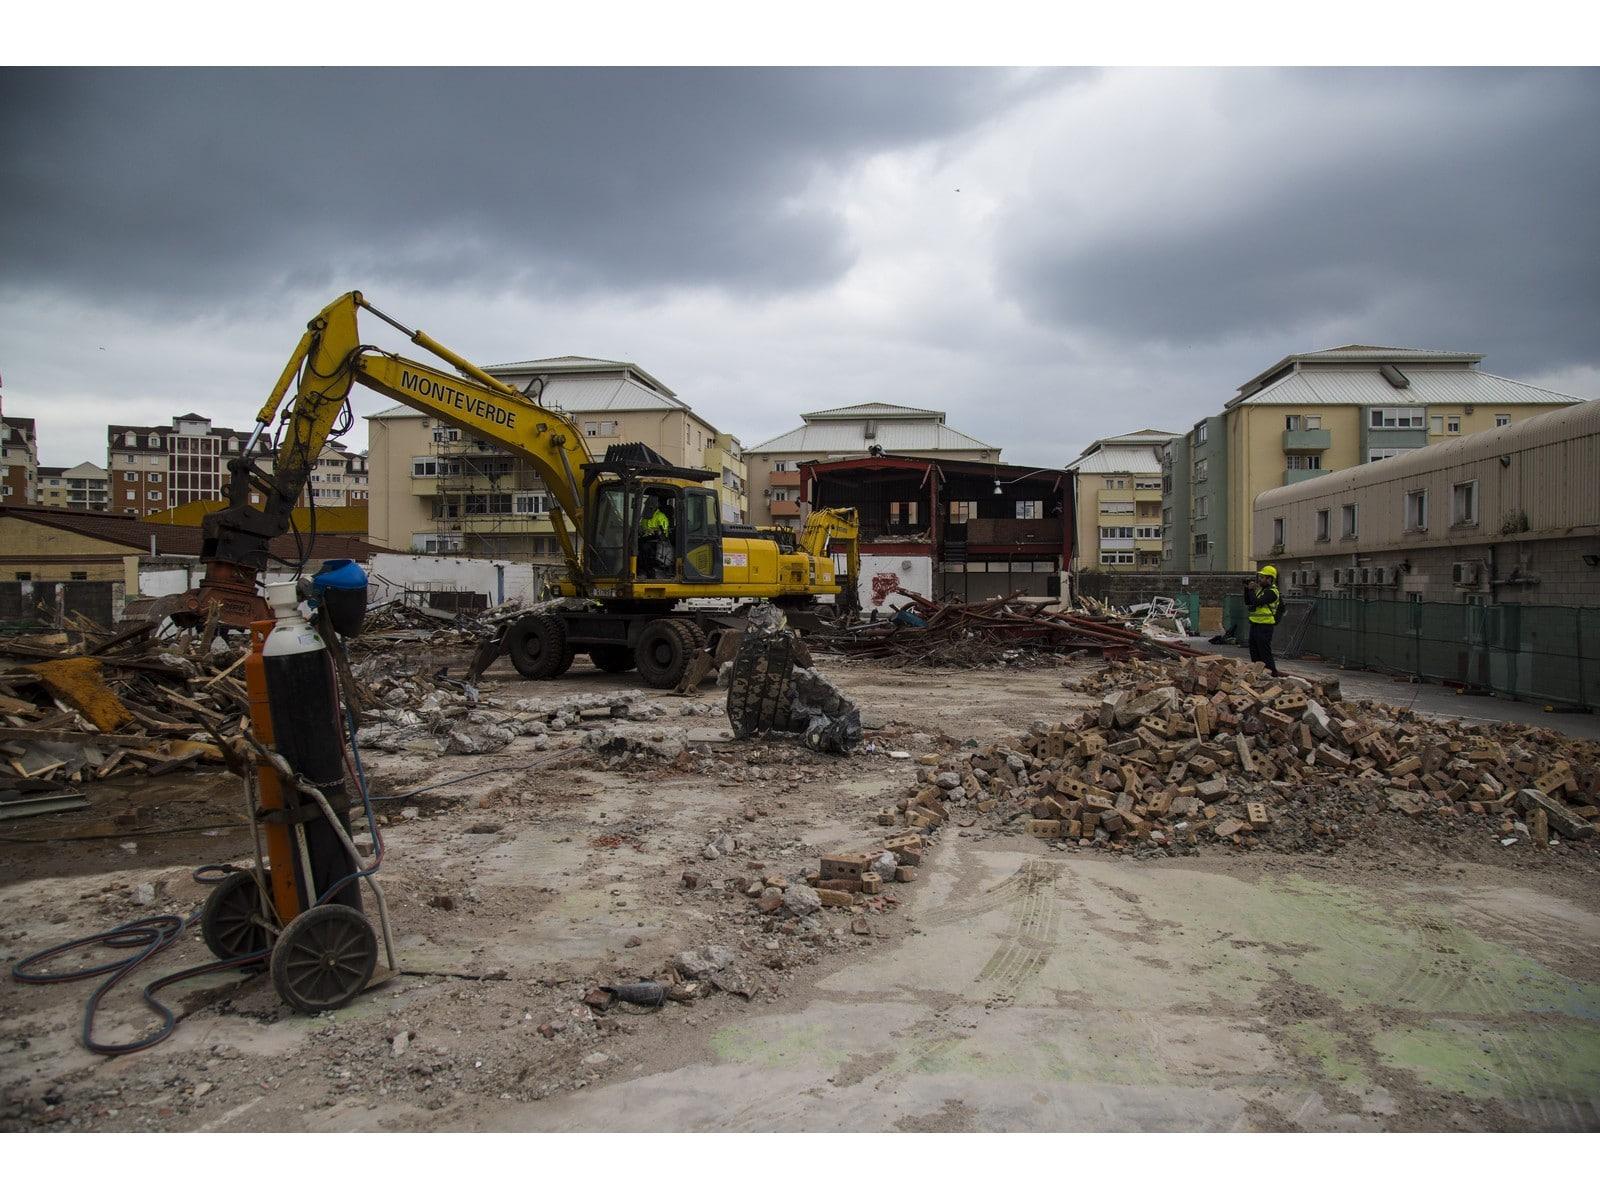 proyecto-de-construccin-de-las-dos-nuevas-escuelas-de-bayside-y-westside-en-waterport-gibraltar_40689988645_o